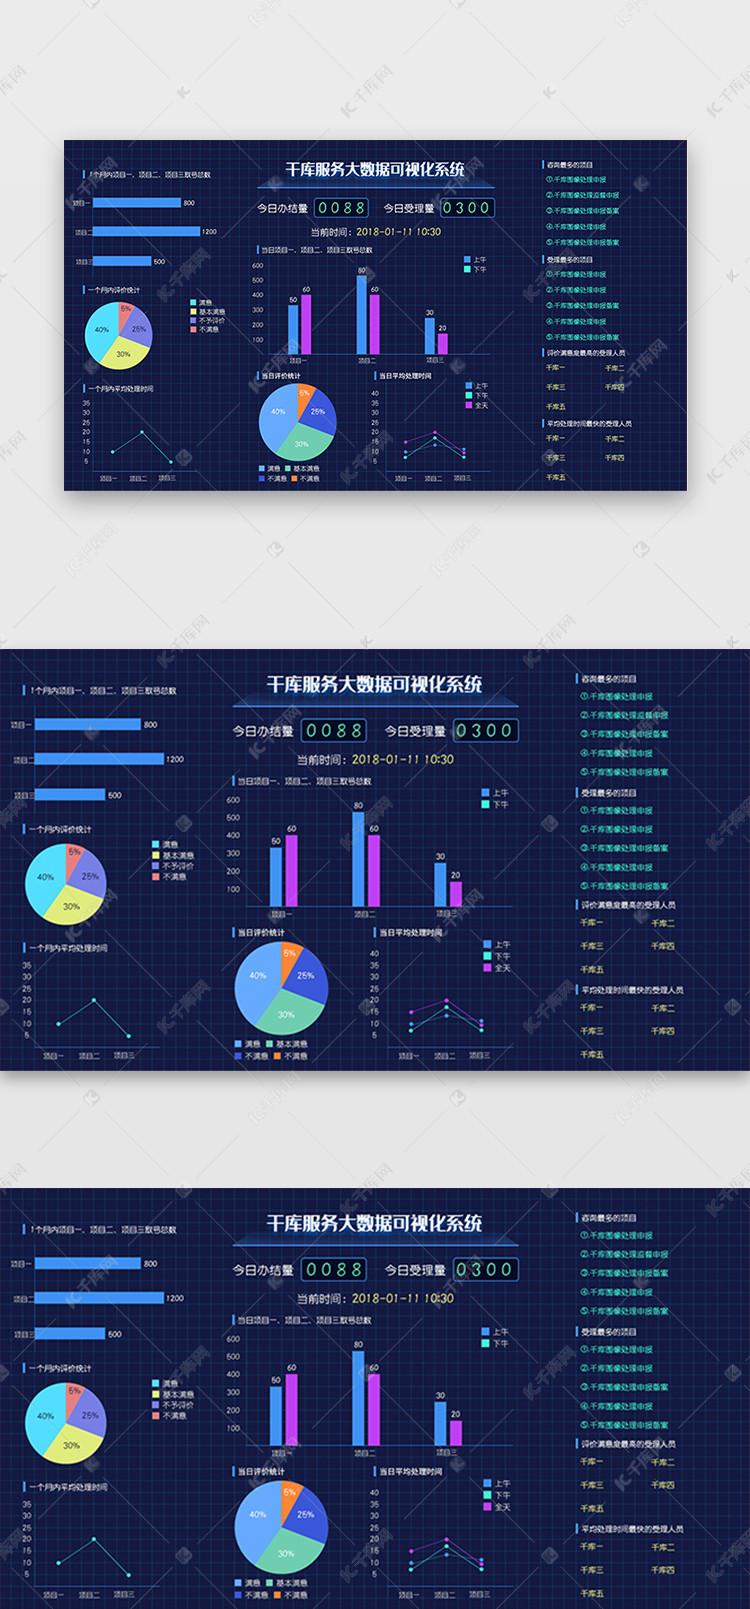 深蓝色数据大页面可视化气泡系统UIv数据sas绘制图扁平图片